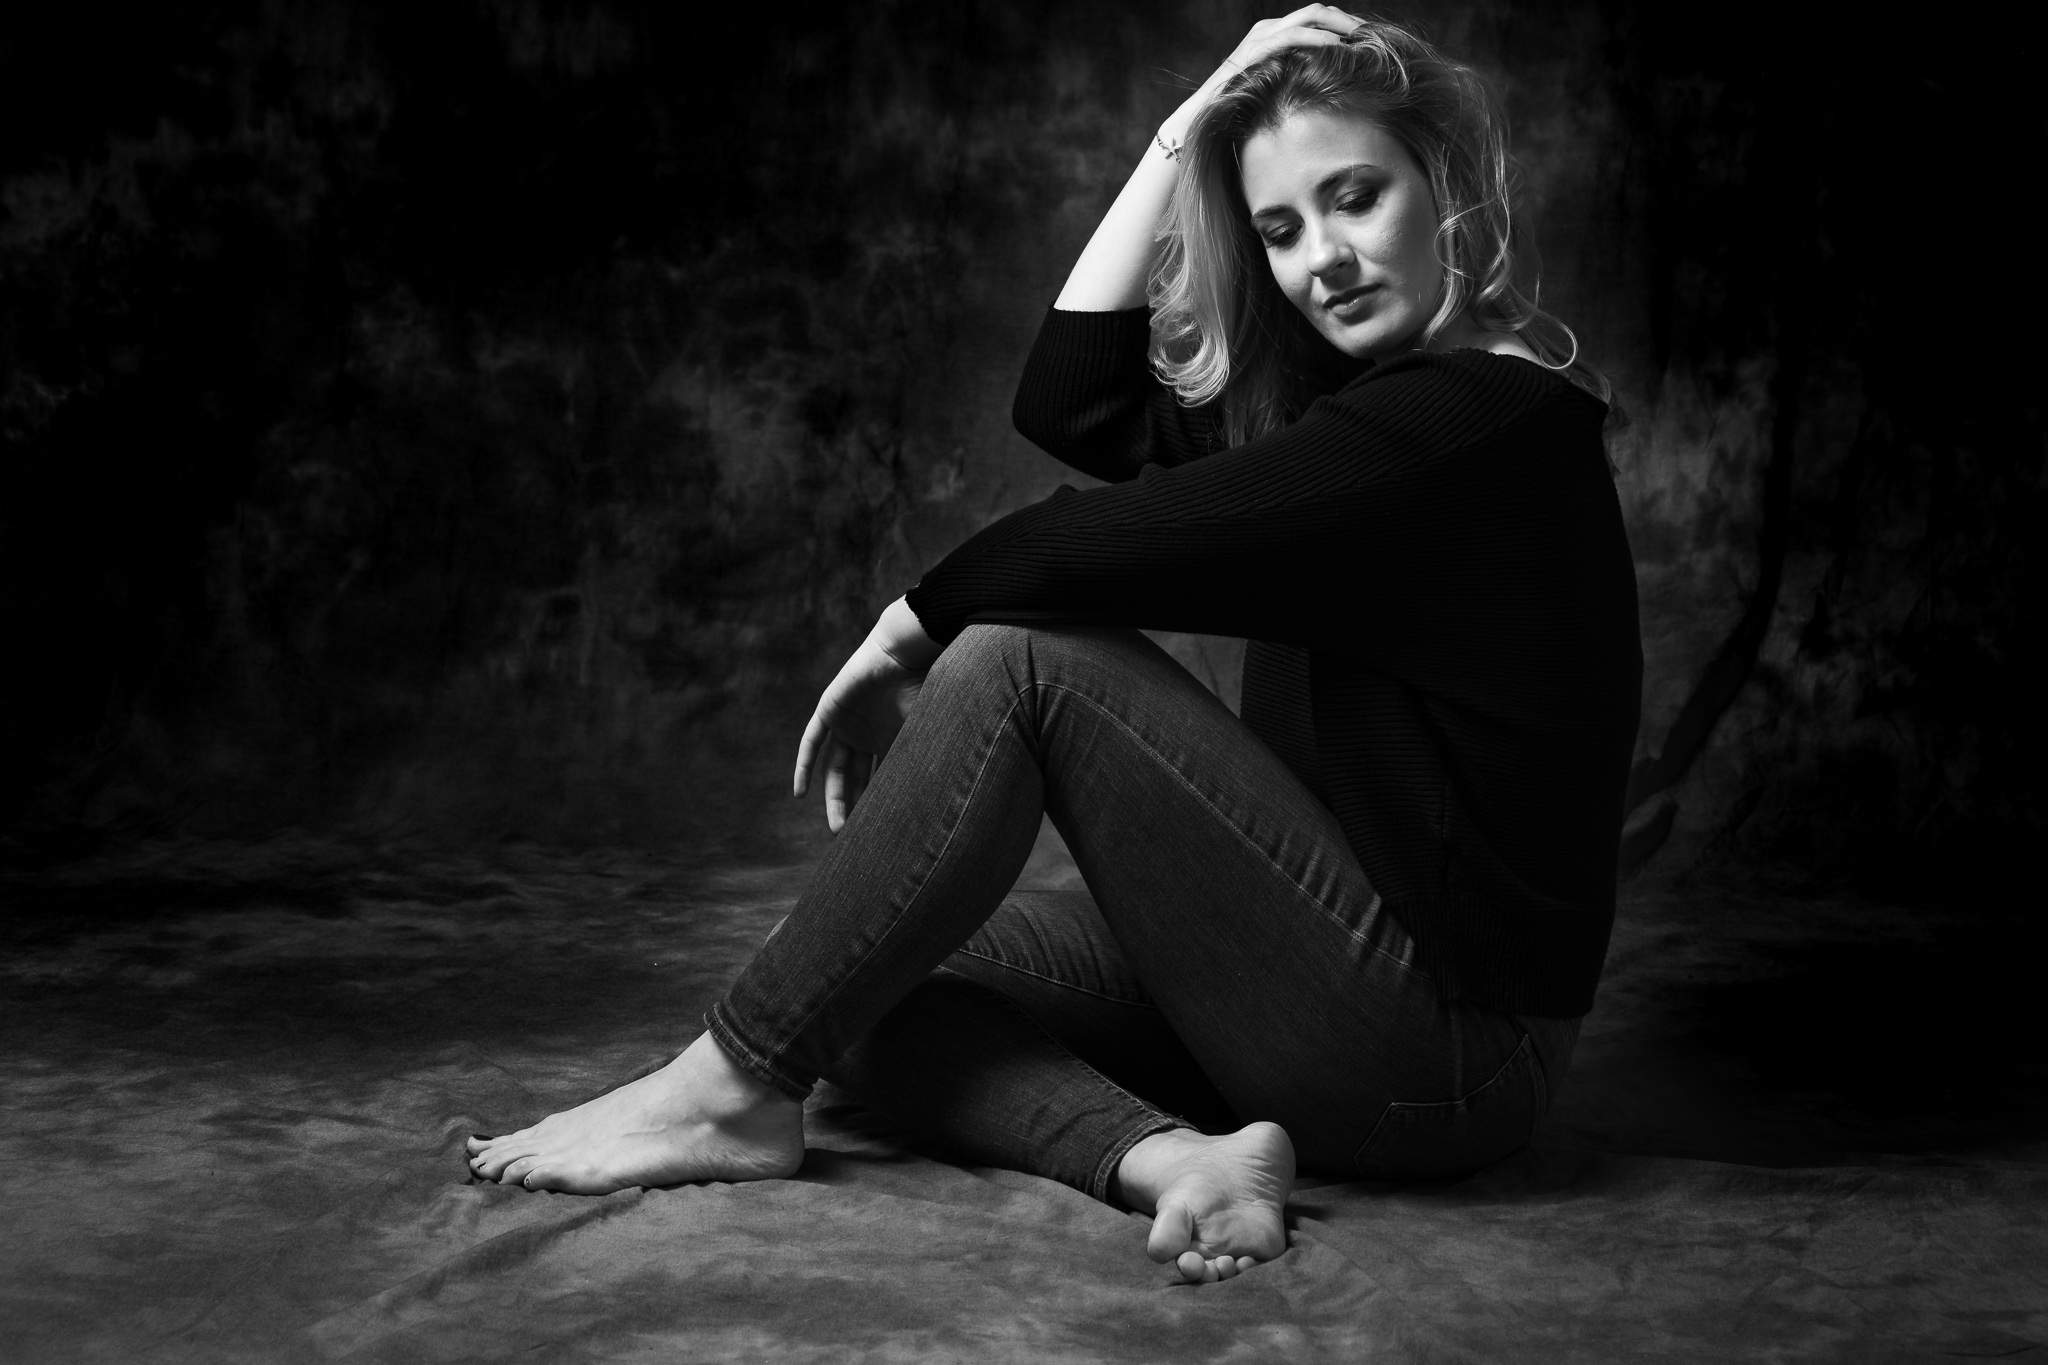 B&N, Bianco e nero, blackandwhite, book, fashion, fashion photography, fotografo, glamour, moda, modelle, portrait, ritratto, Ritratto femminile, Ritratto fotografico, Studio portrait